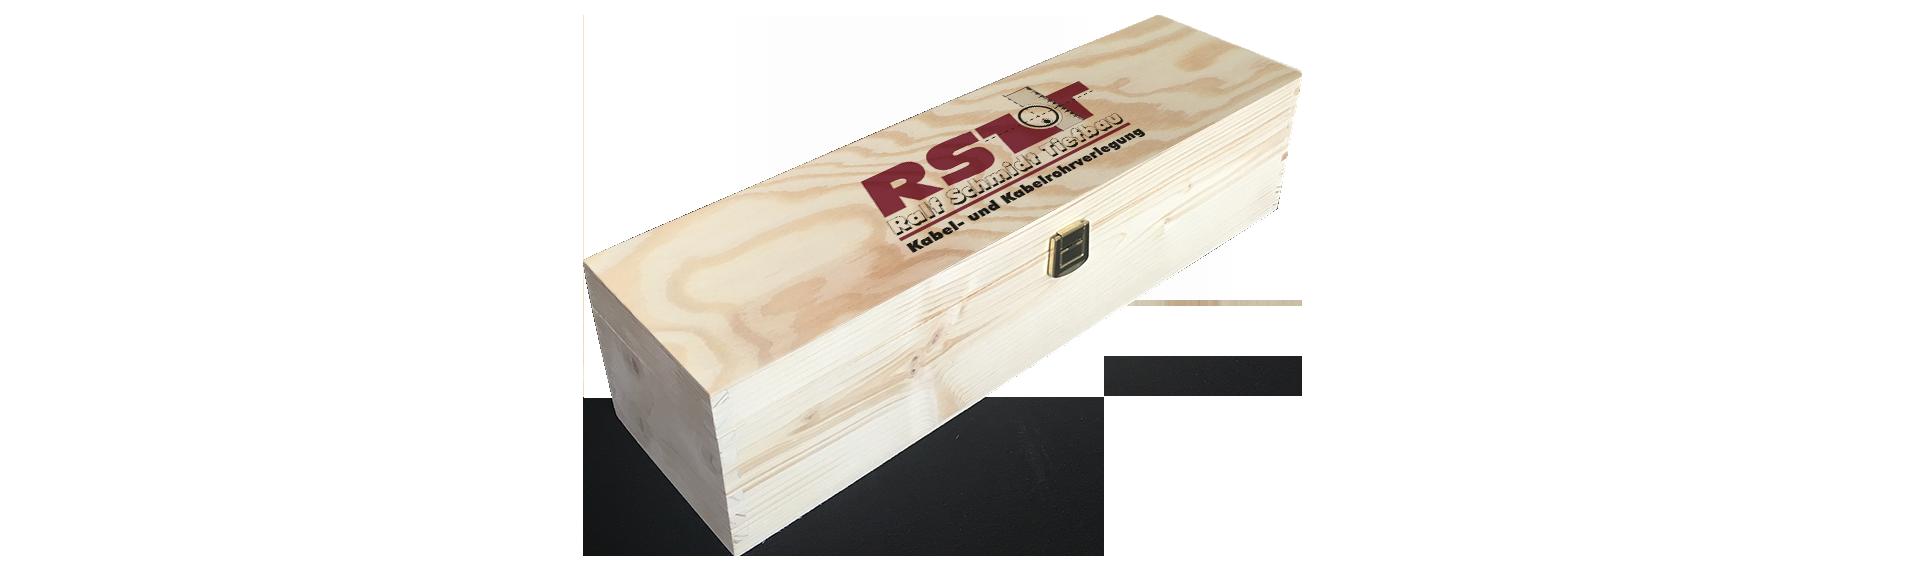 RST Tiefbau | Holzkiste Weinkiste  bedruckt